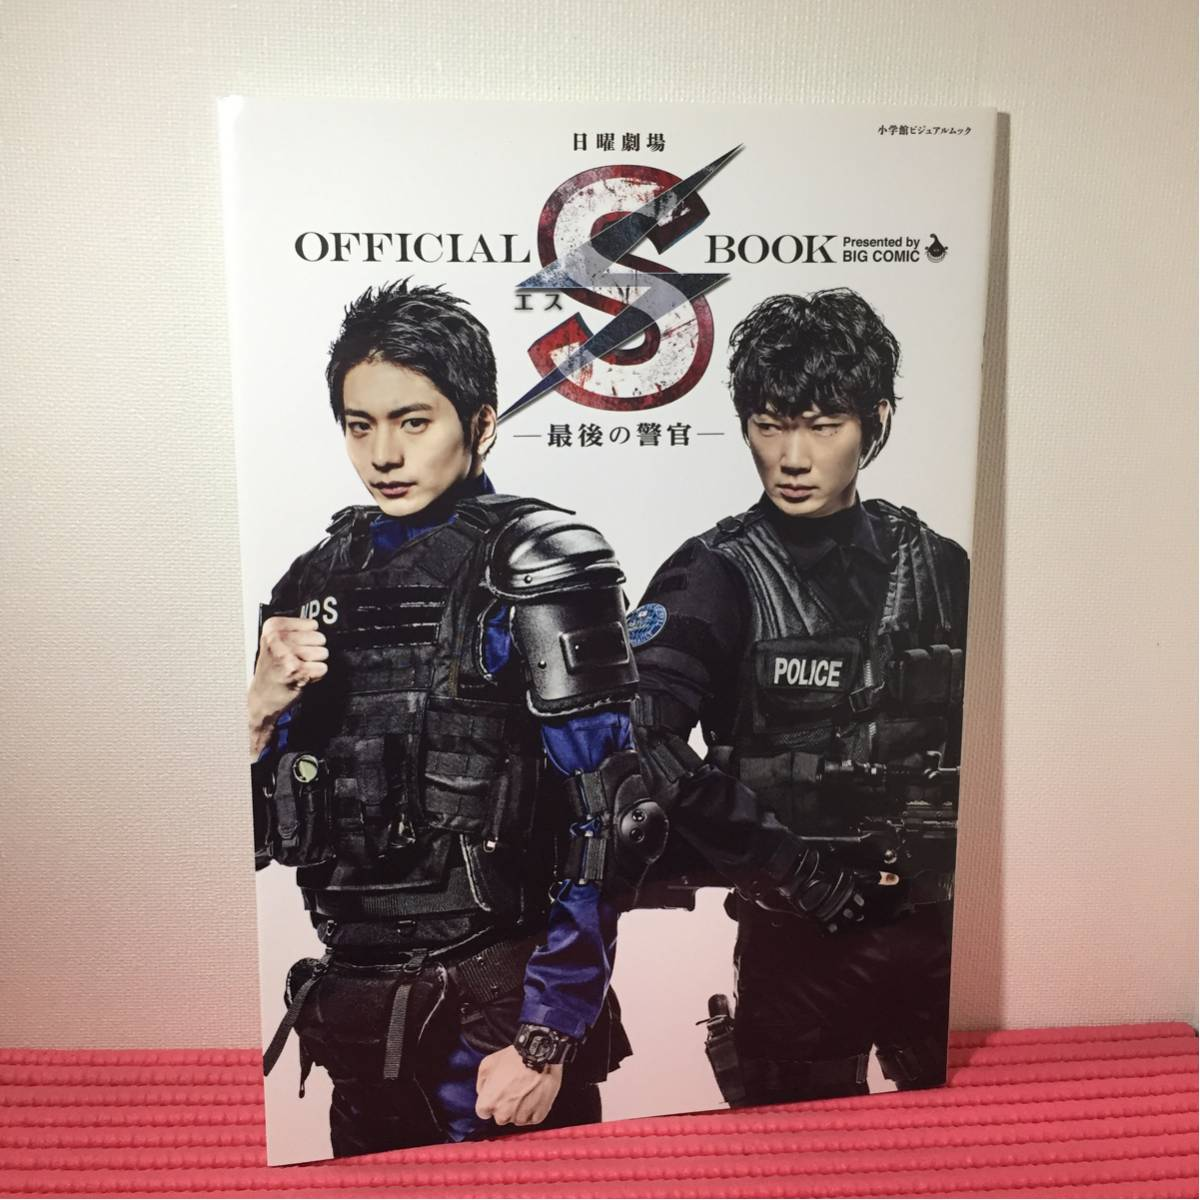 Sー最後の警官 向井理 綾野剛 オフィシャルブック